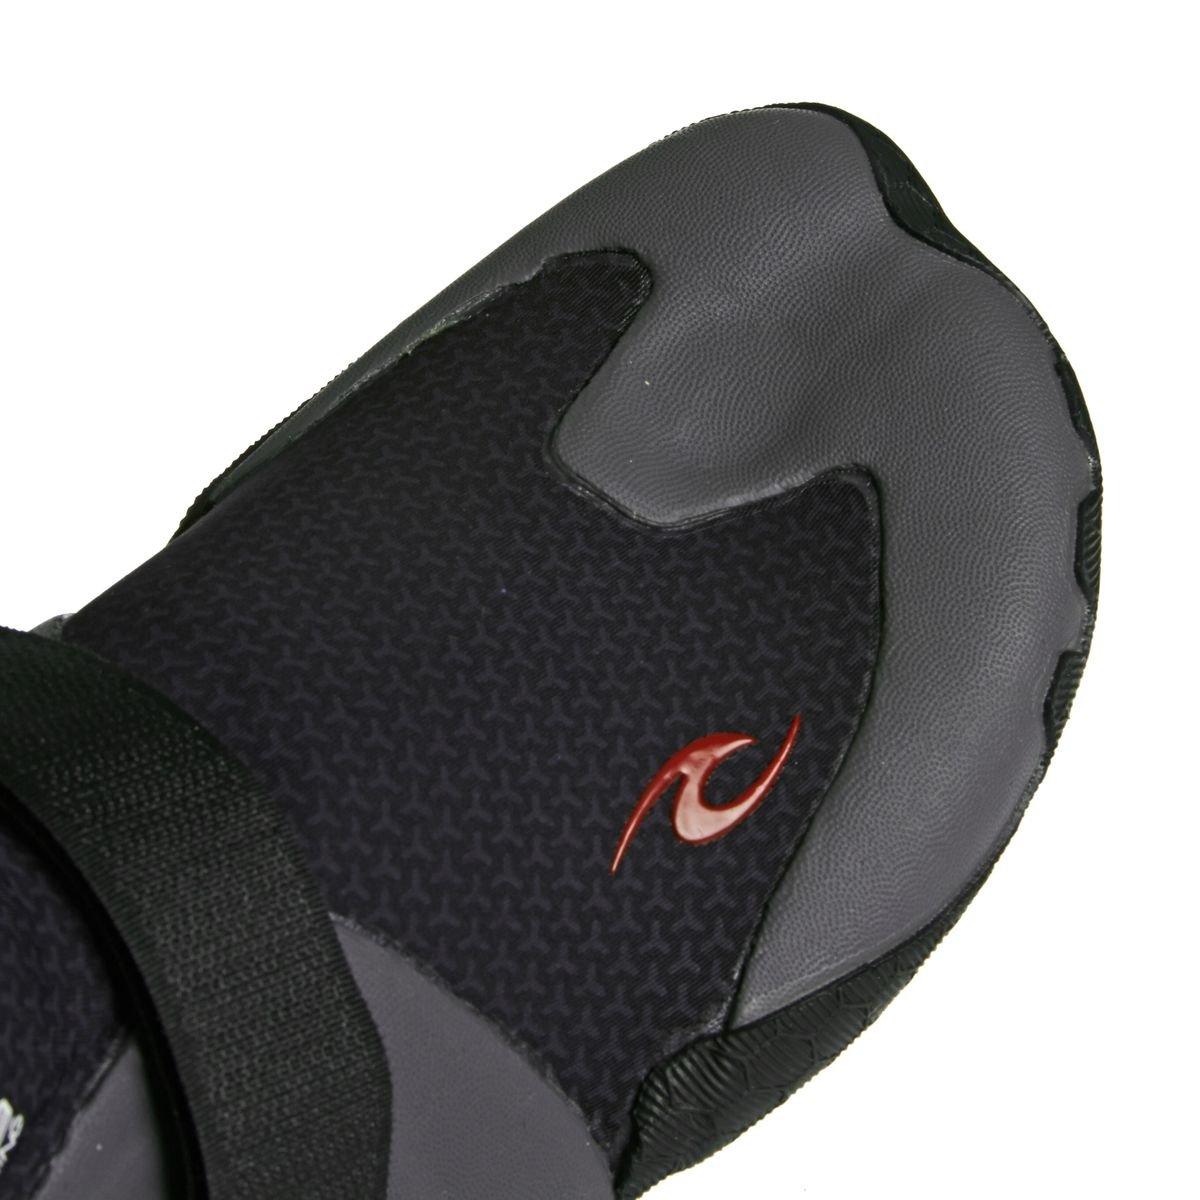 Rip Curl Flashbomb 3mm Split Toe